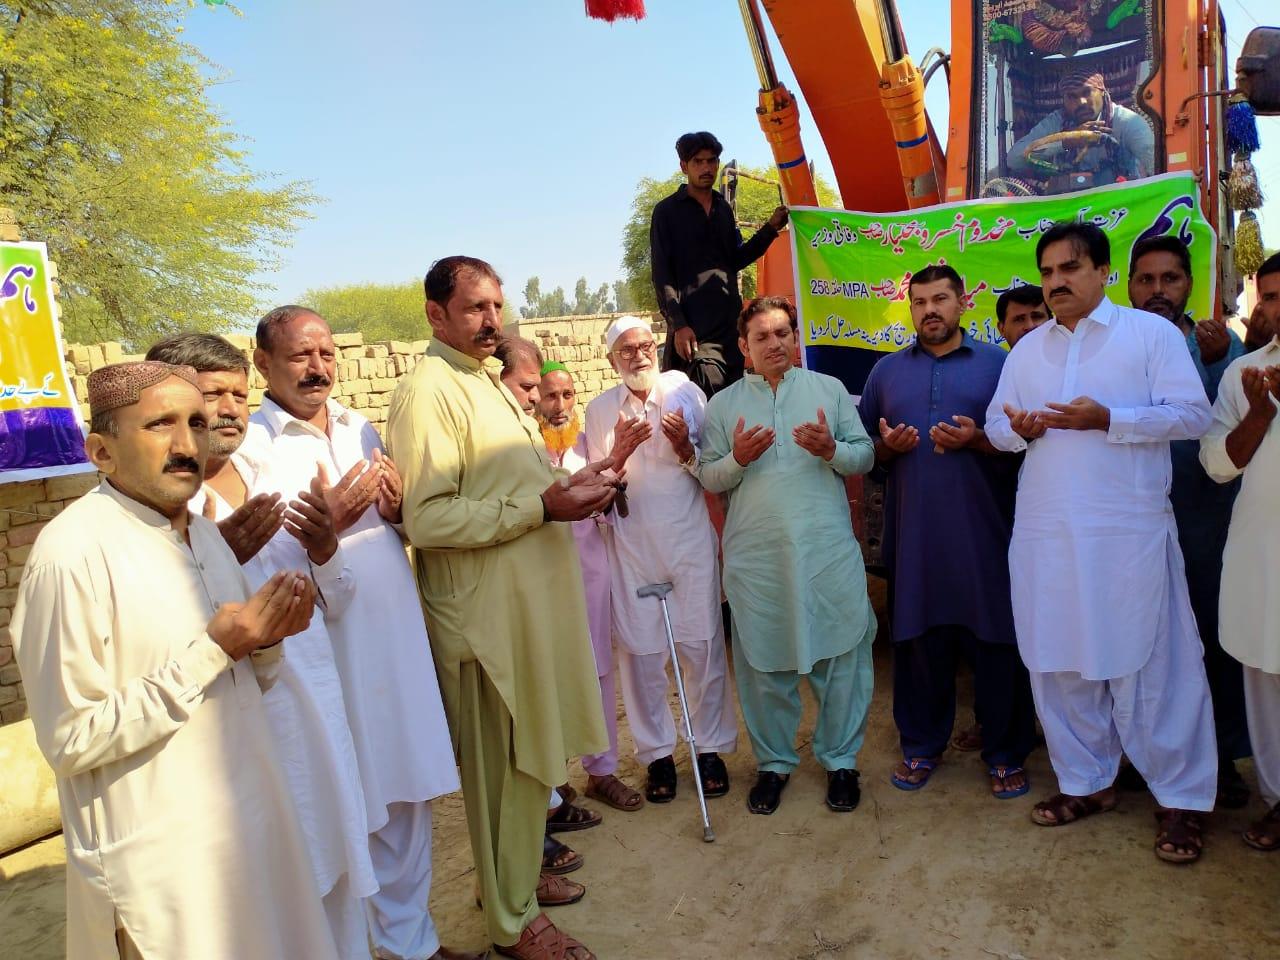 خیر شاہ میں ترقیاتی کام شروع